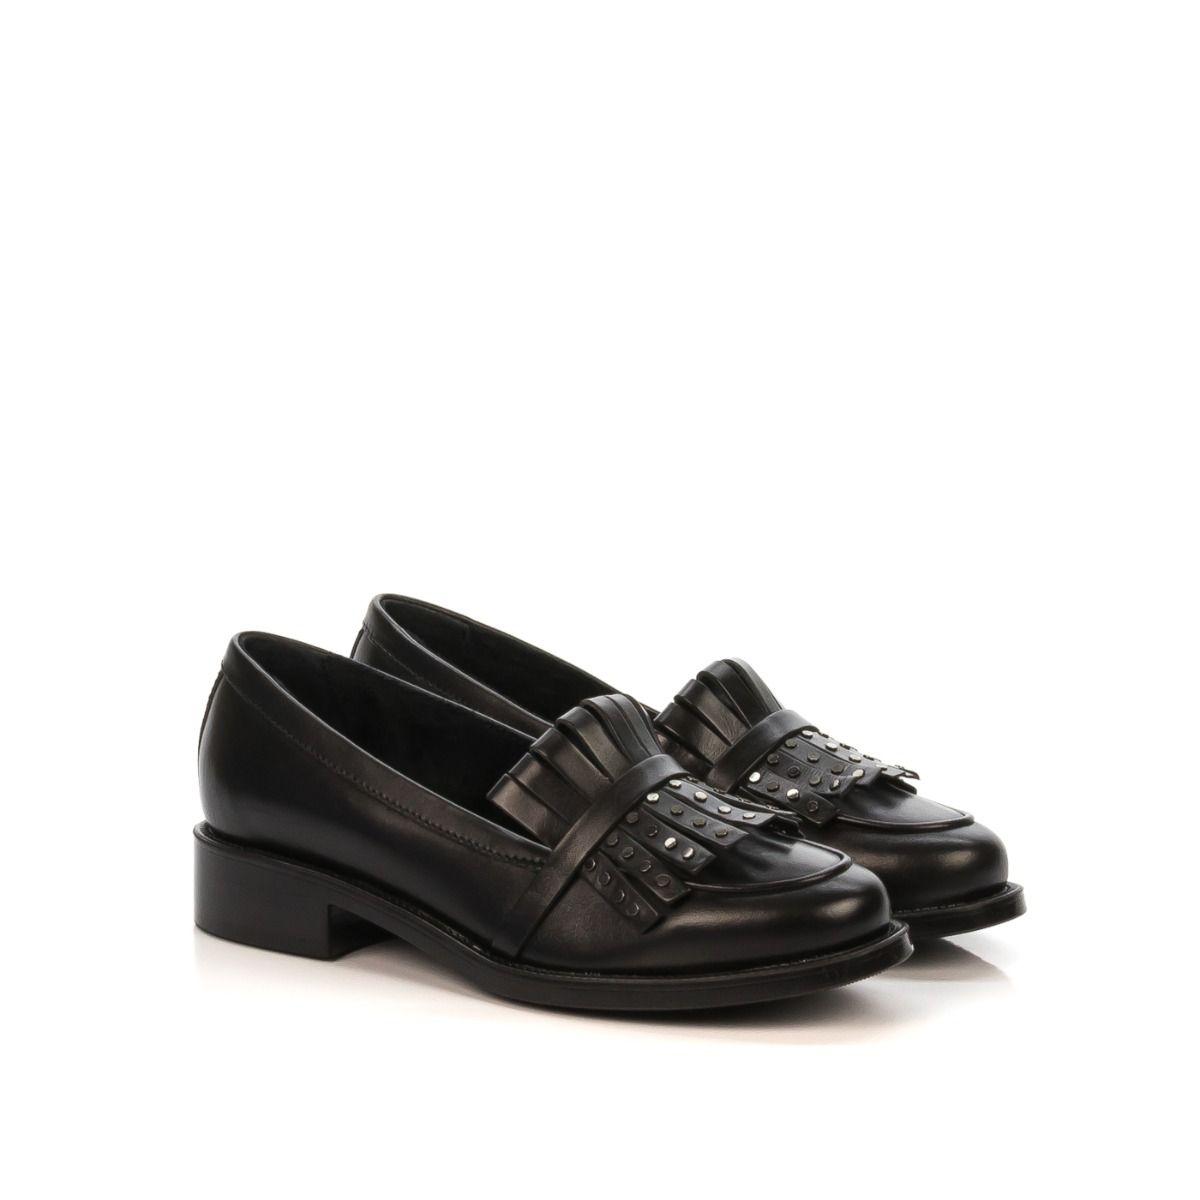 0e029be801 Mocassino donna FRAU 98R9 in pelle nera con borchie Spedizione  gratuita Shop online Shoe Center